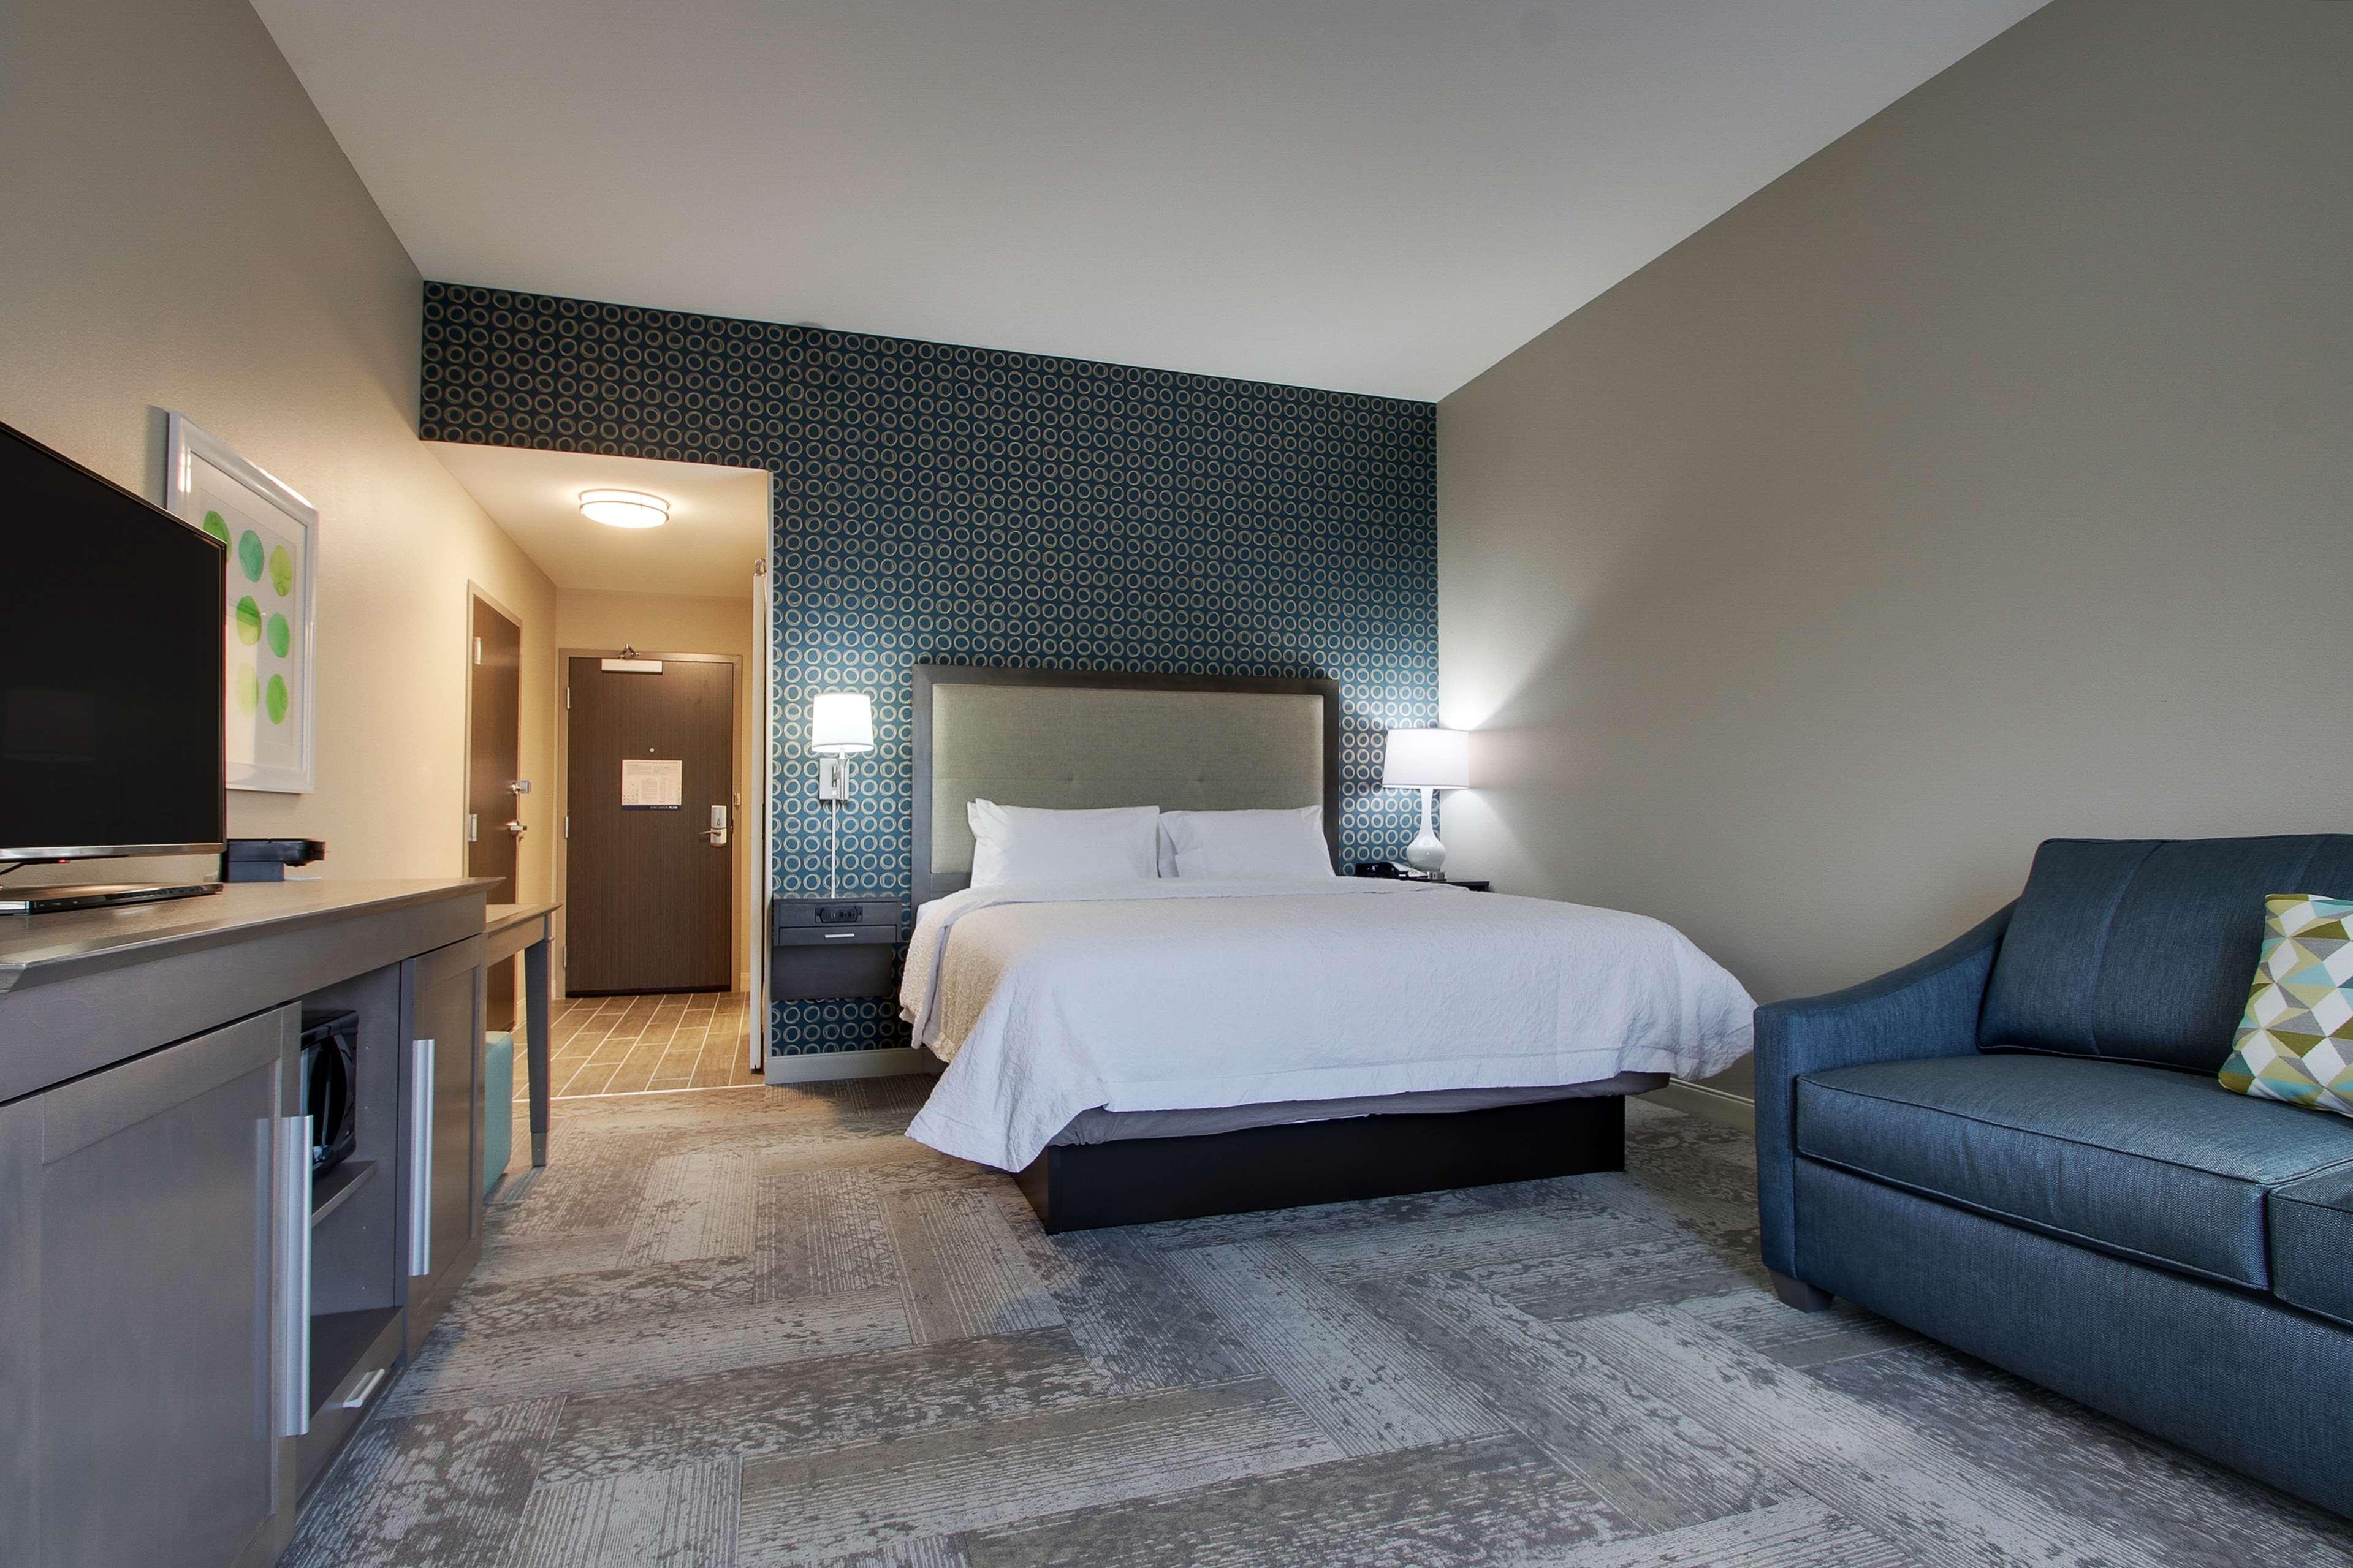 Hampton Inn & Suites Knightdale Raleigh image 39